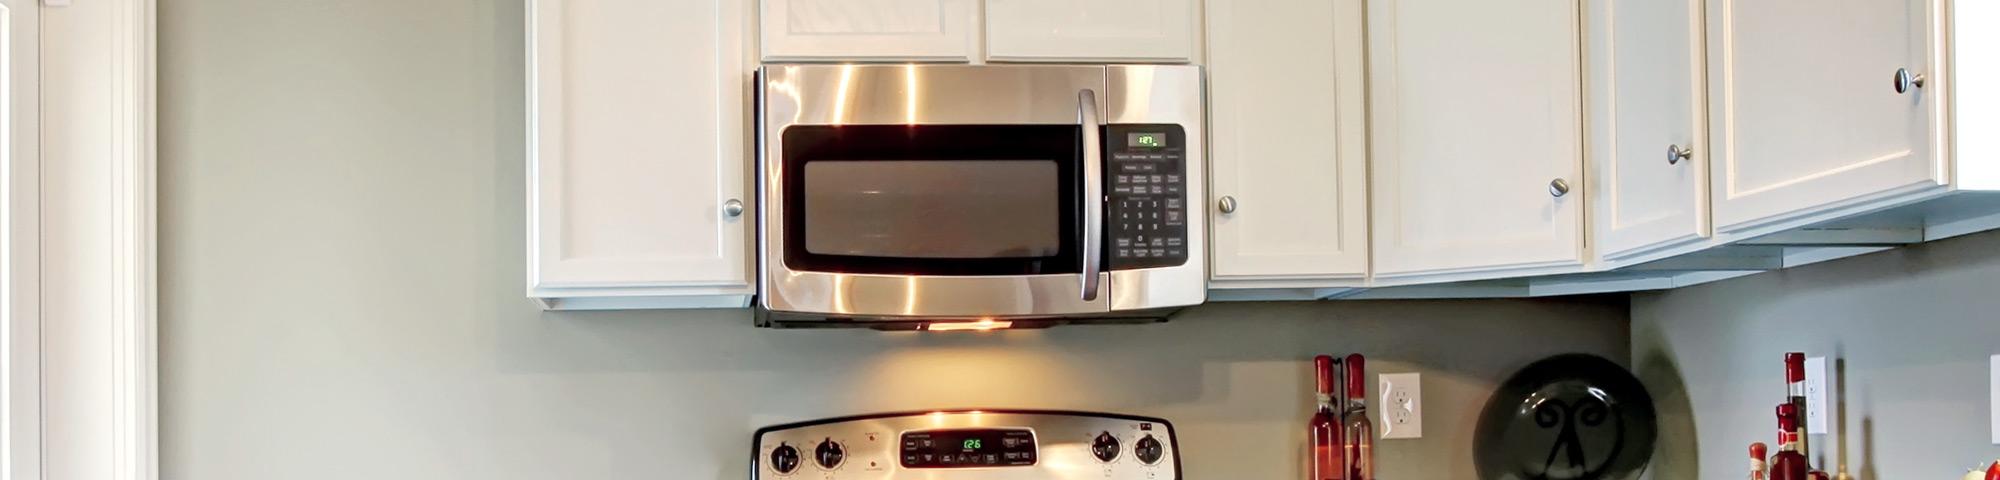 Kitchen Exhaust Fan Under Microwave